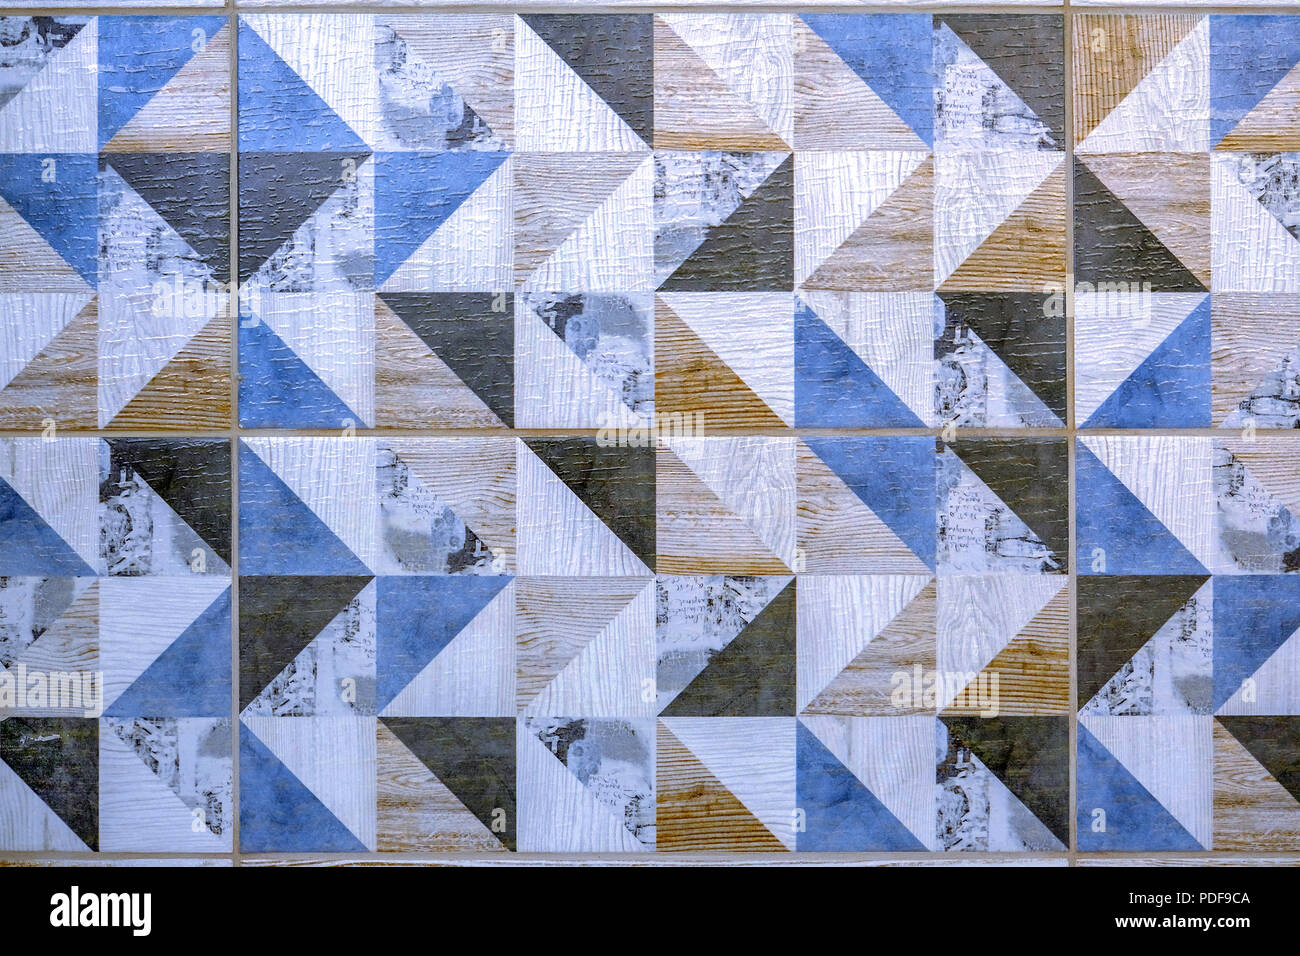 Piastrella ceramica seamless texture quadrato grigio scuro foto